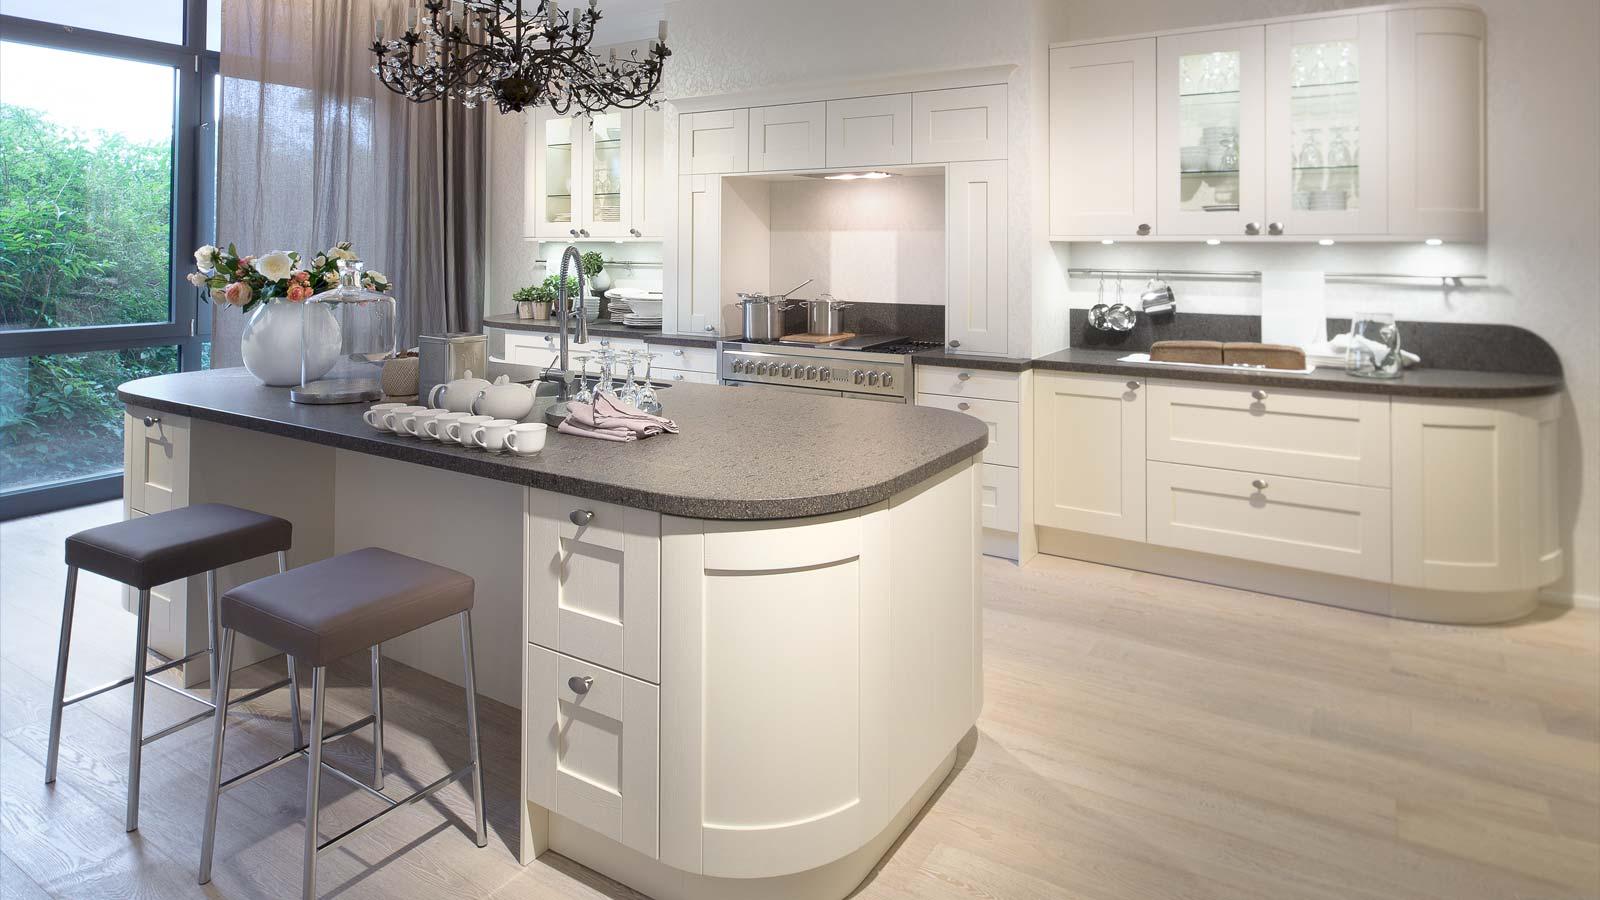 Ungewöhnlich Designer Küchen Und Bäder Charlestonsc Bilder ...